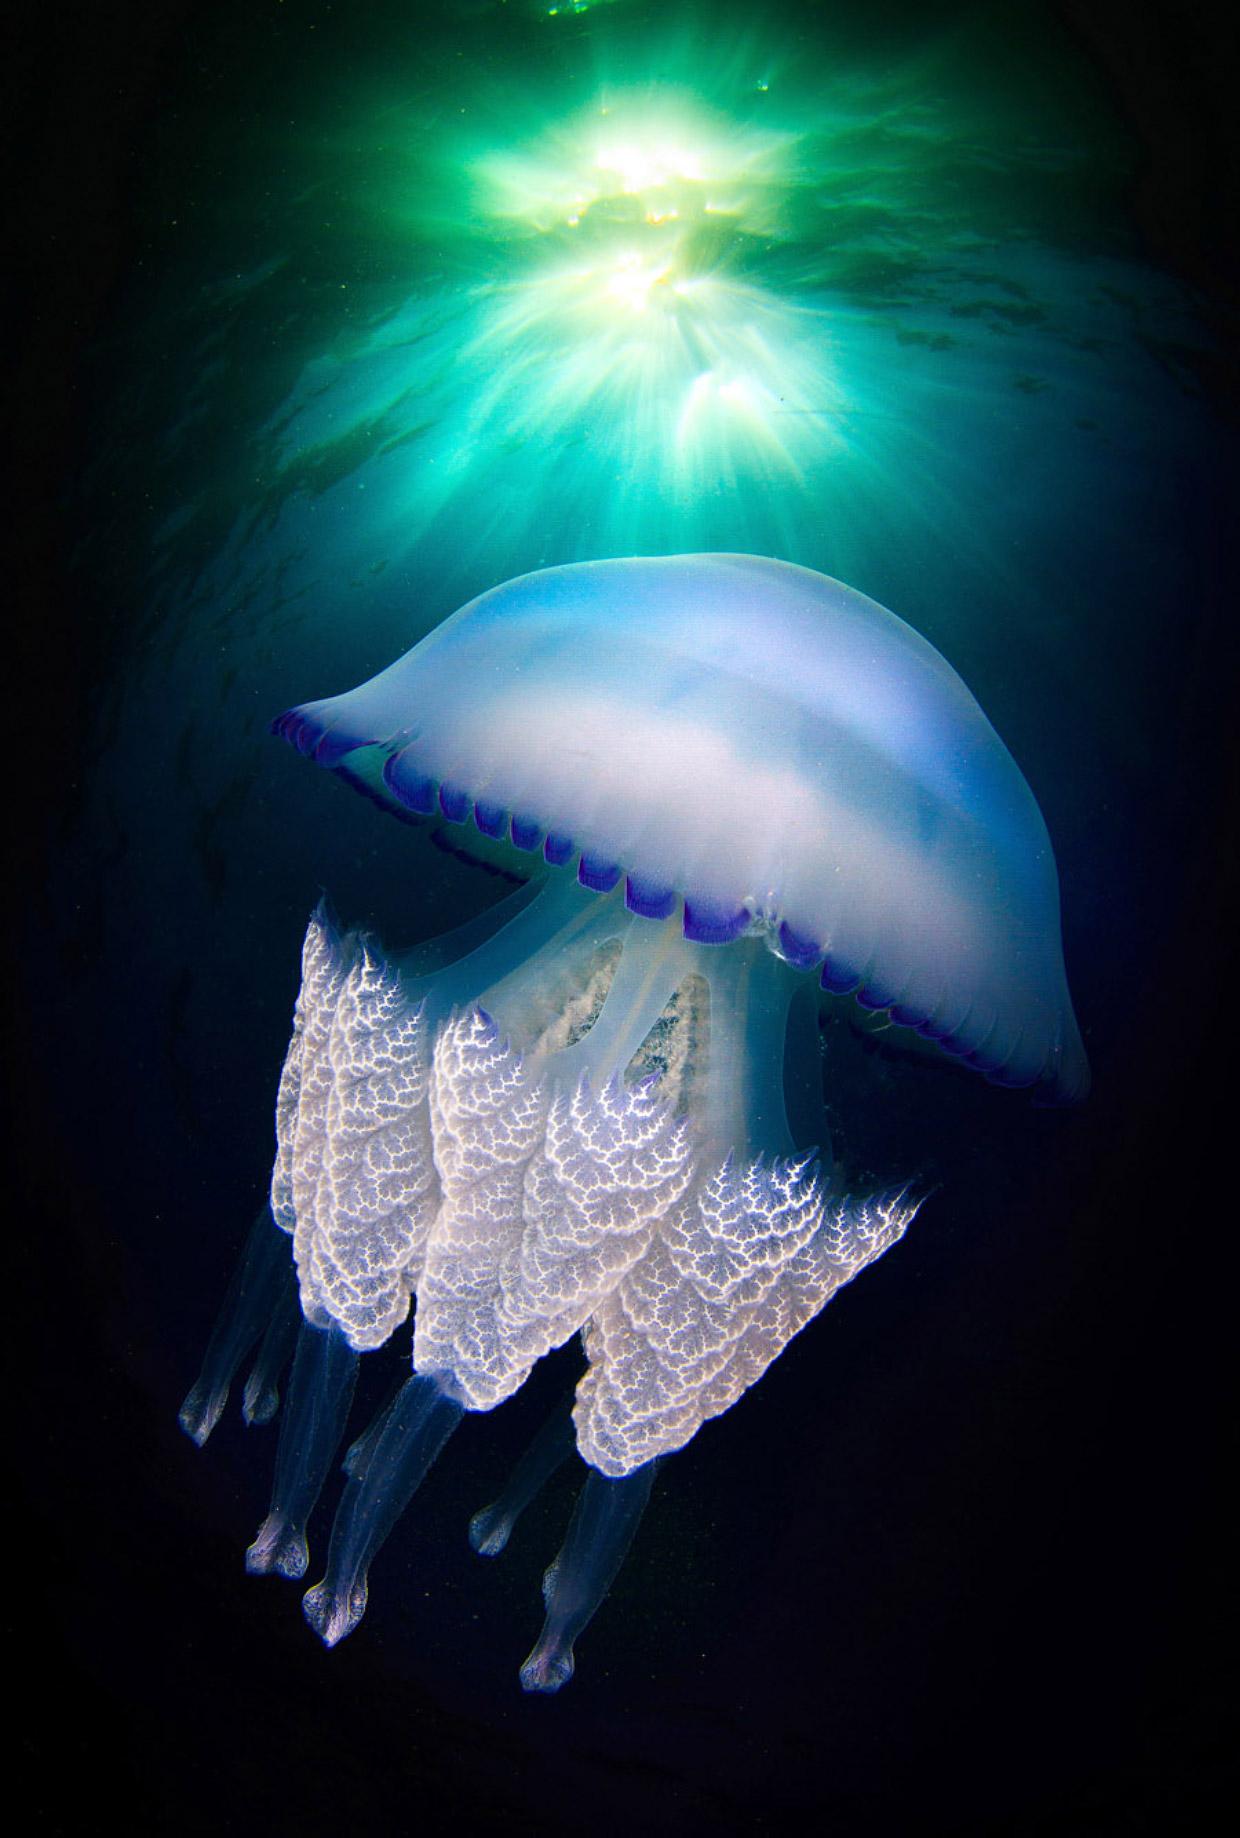 Подробный взгляд на медузу